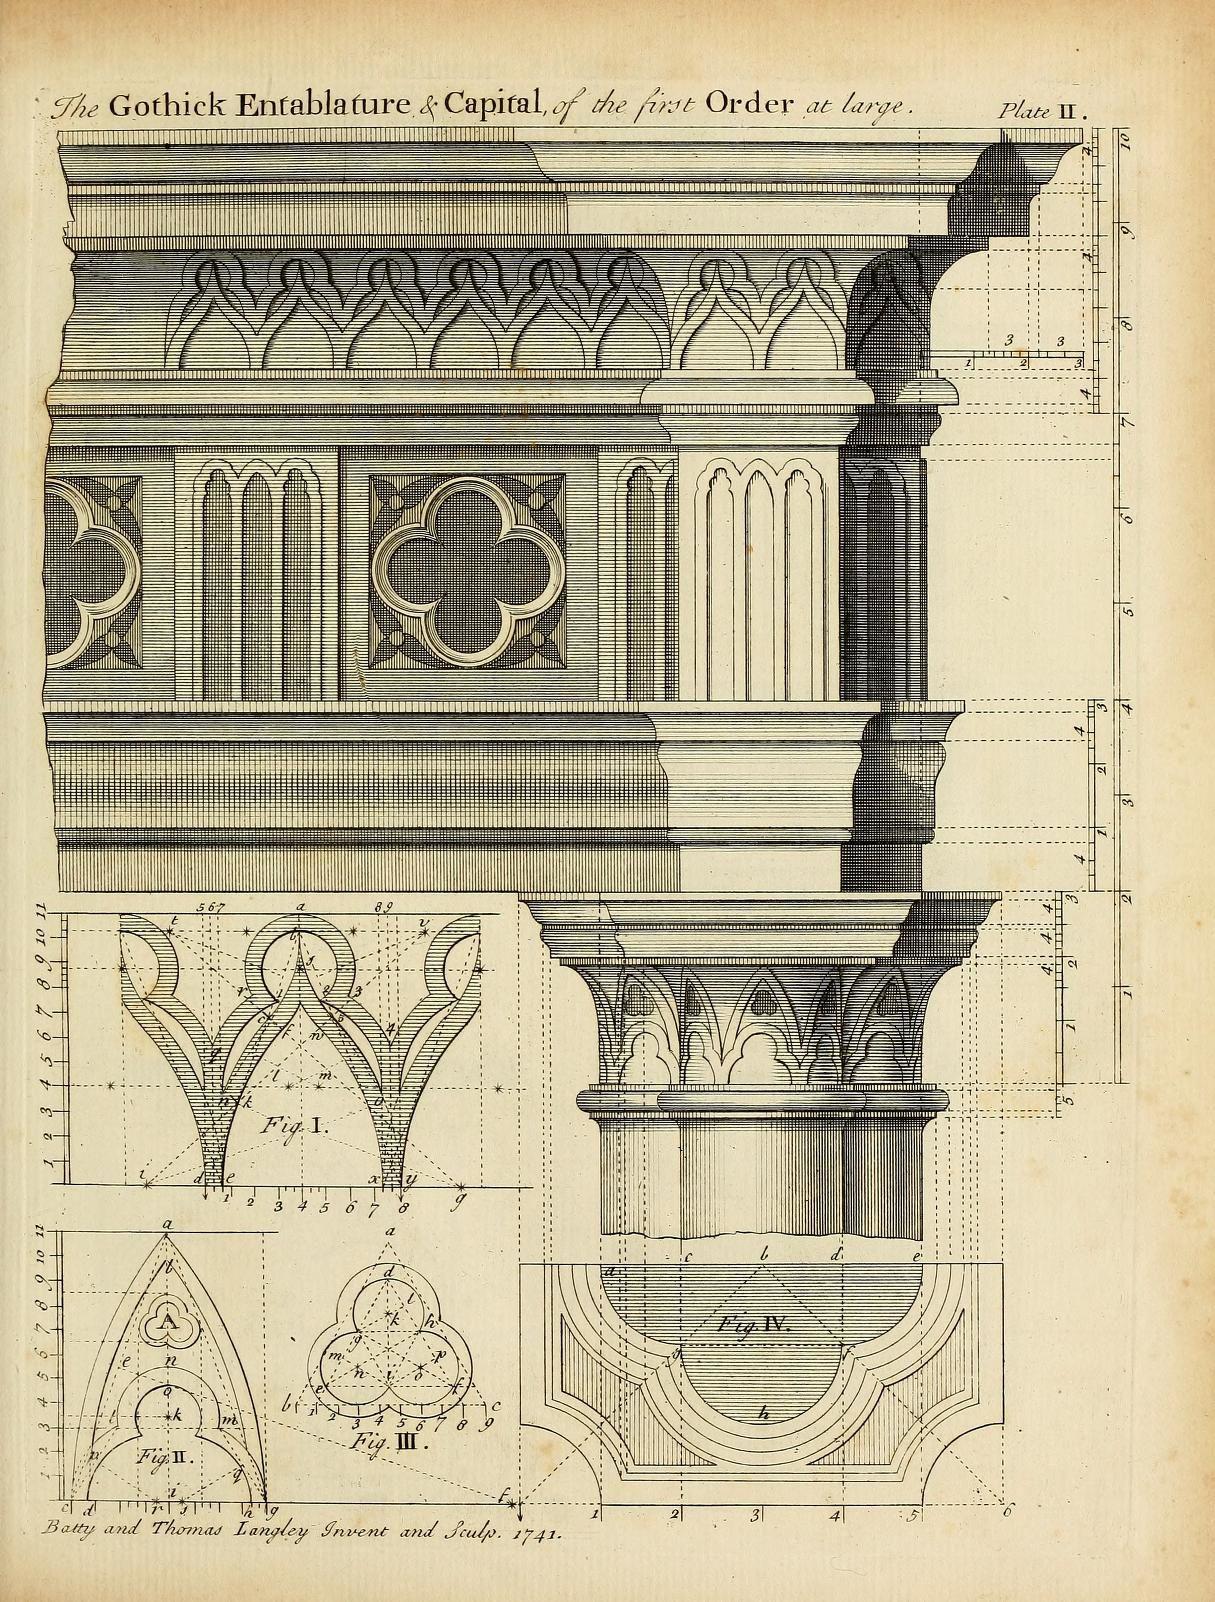 Gothic Order Drawing For Entablature And Capital · Klassische  ArchitekturEntwurfZeichenSkizzenKreativZeichungen ...